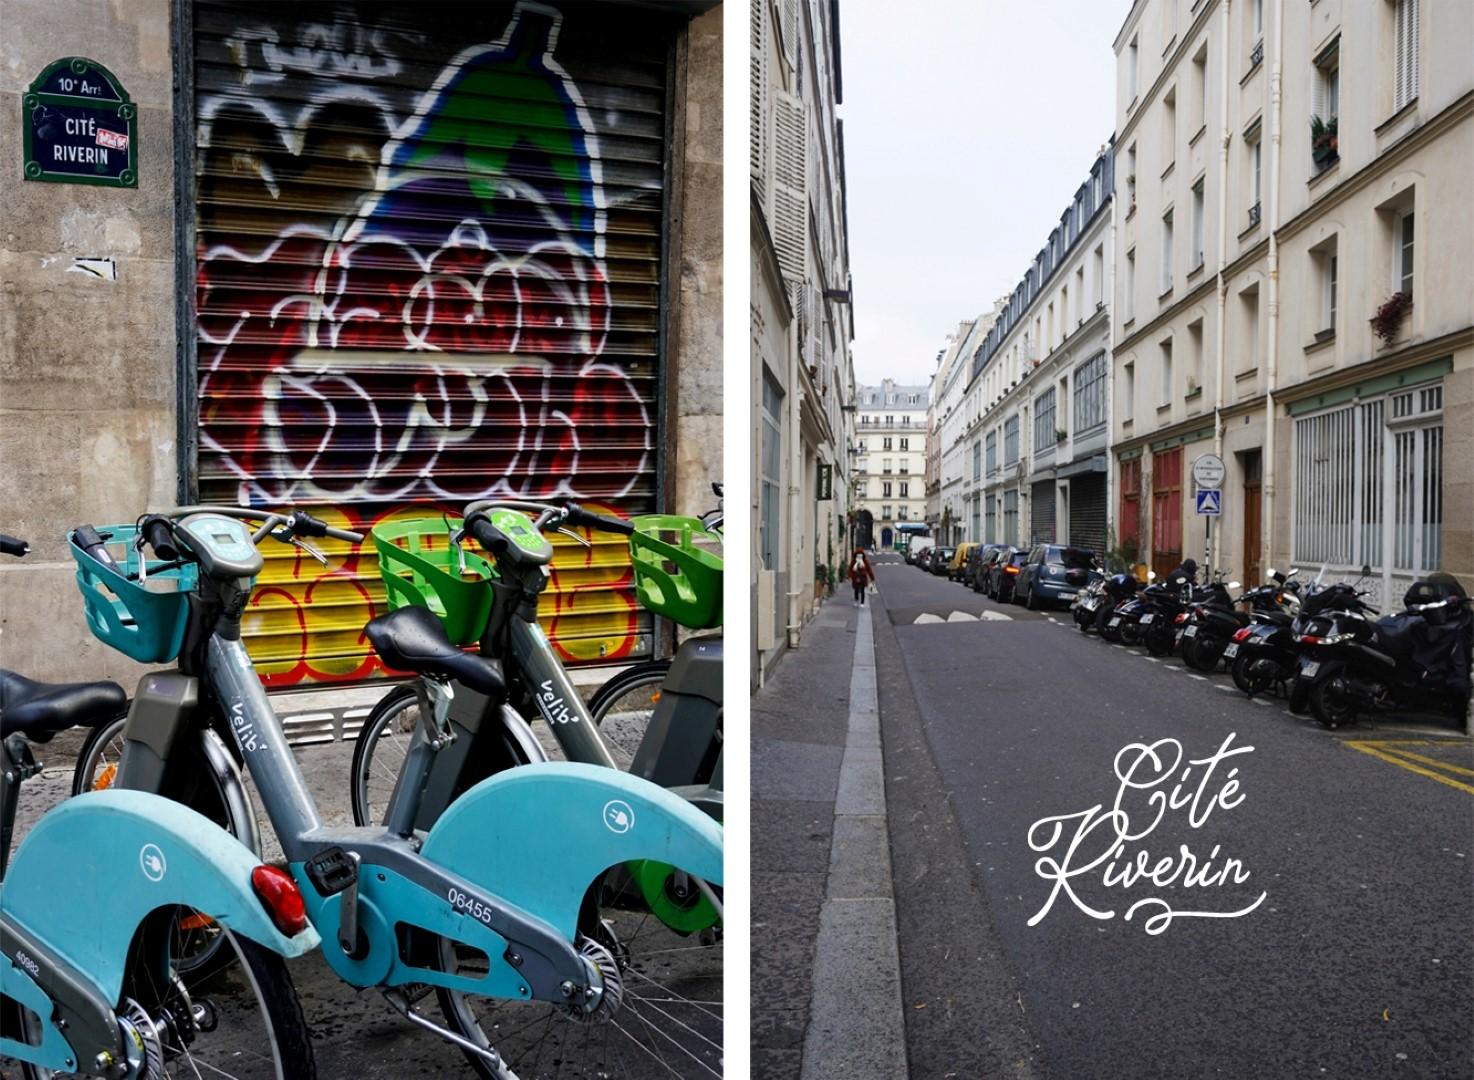 Cité Riverin - Balade dans les 9e et 10e arrondissements de Paris - De place de la République à Pigalle